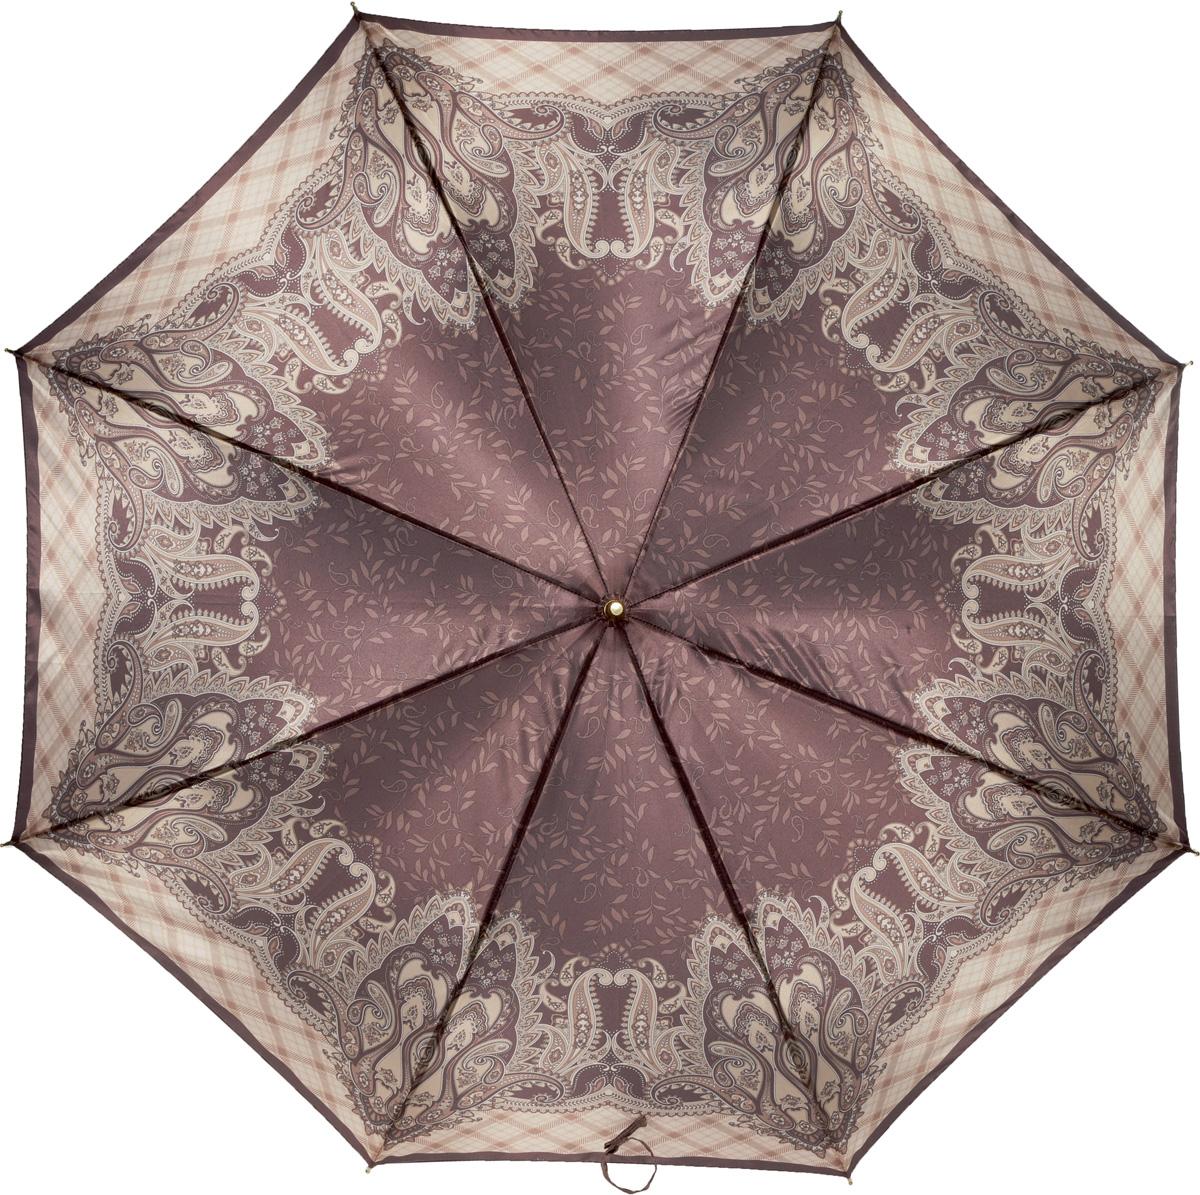 Зонт женский Fabretti, механика, трость, цвет: мультиколор. 16091609Зонт-трость женский Fabrett.Эффектный зонт-трость, выполненный из качественного материала и украшенный стильным контрастным рисунком. Надежно защитит Вас от непогоды.